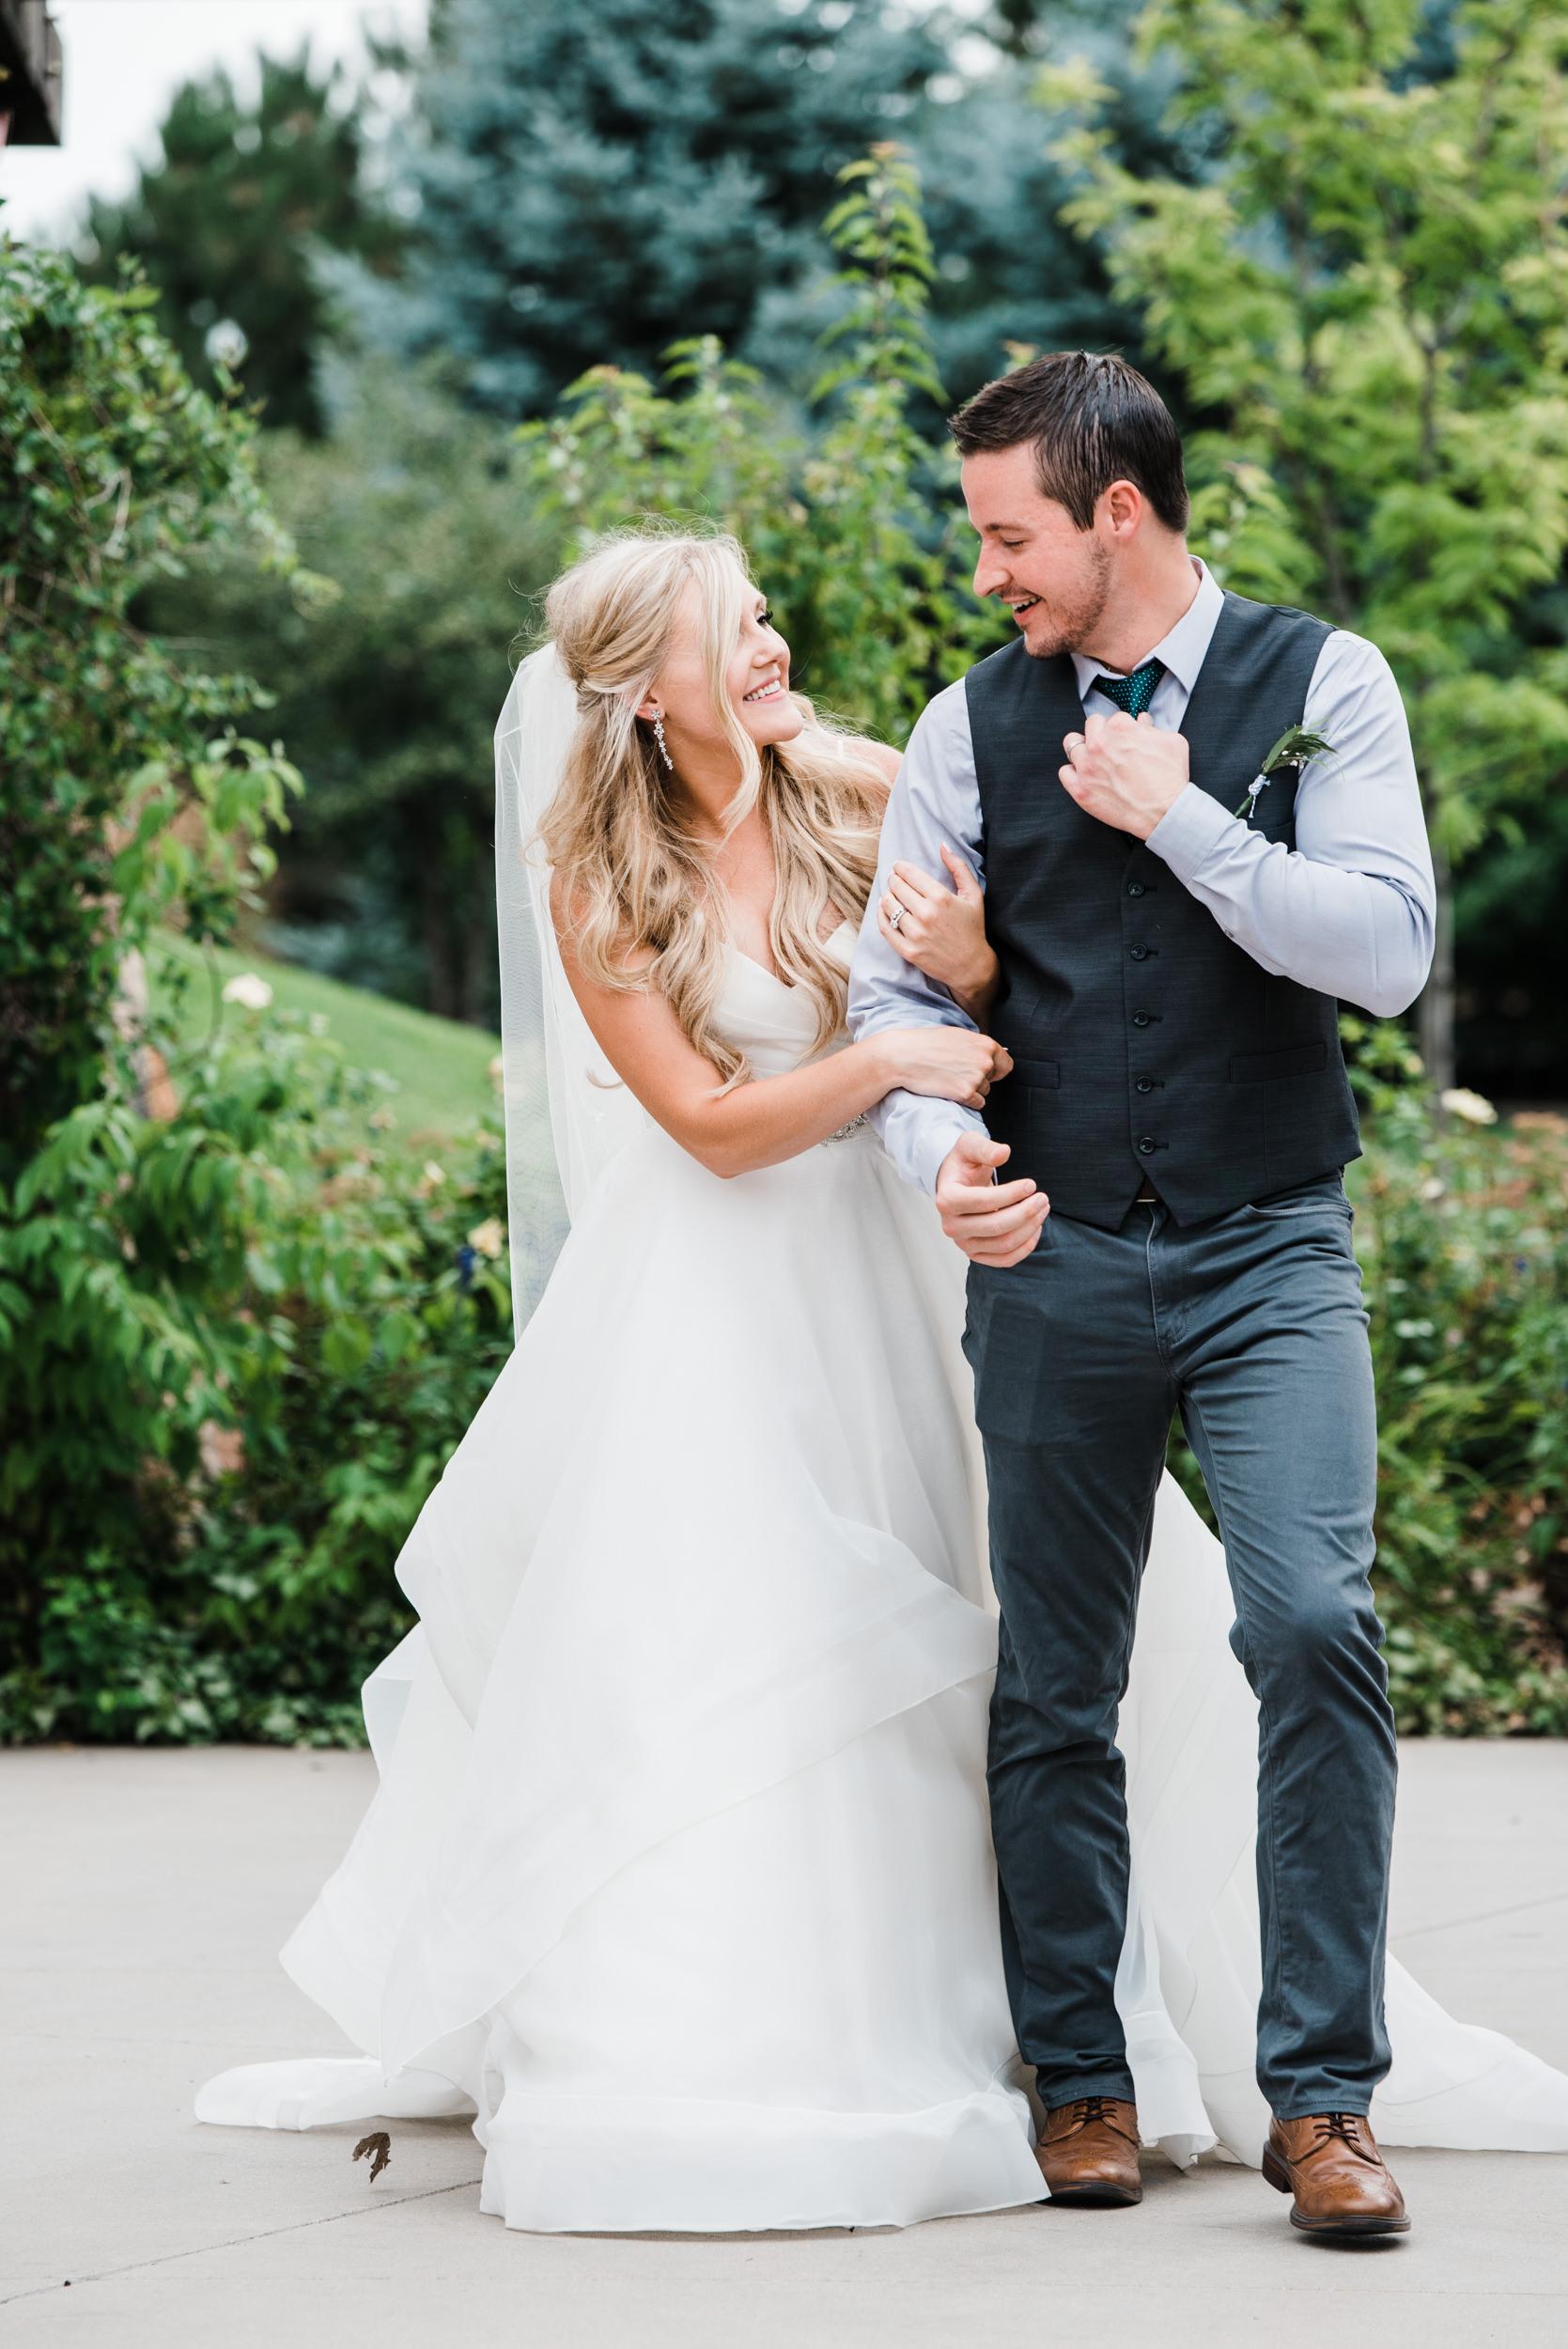 Colorado mountain wedding photographer at Brookeside Gardens wedding ceremony